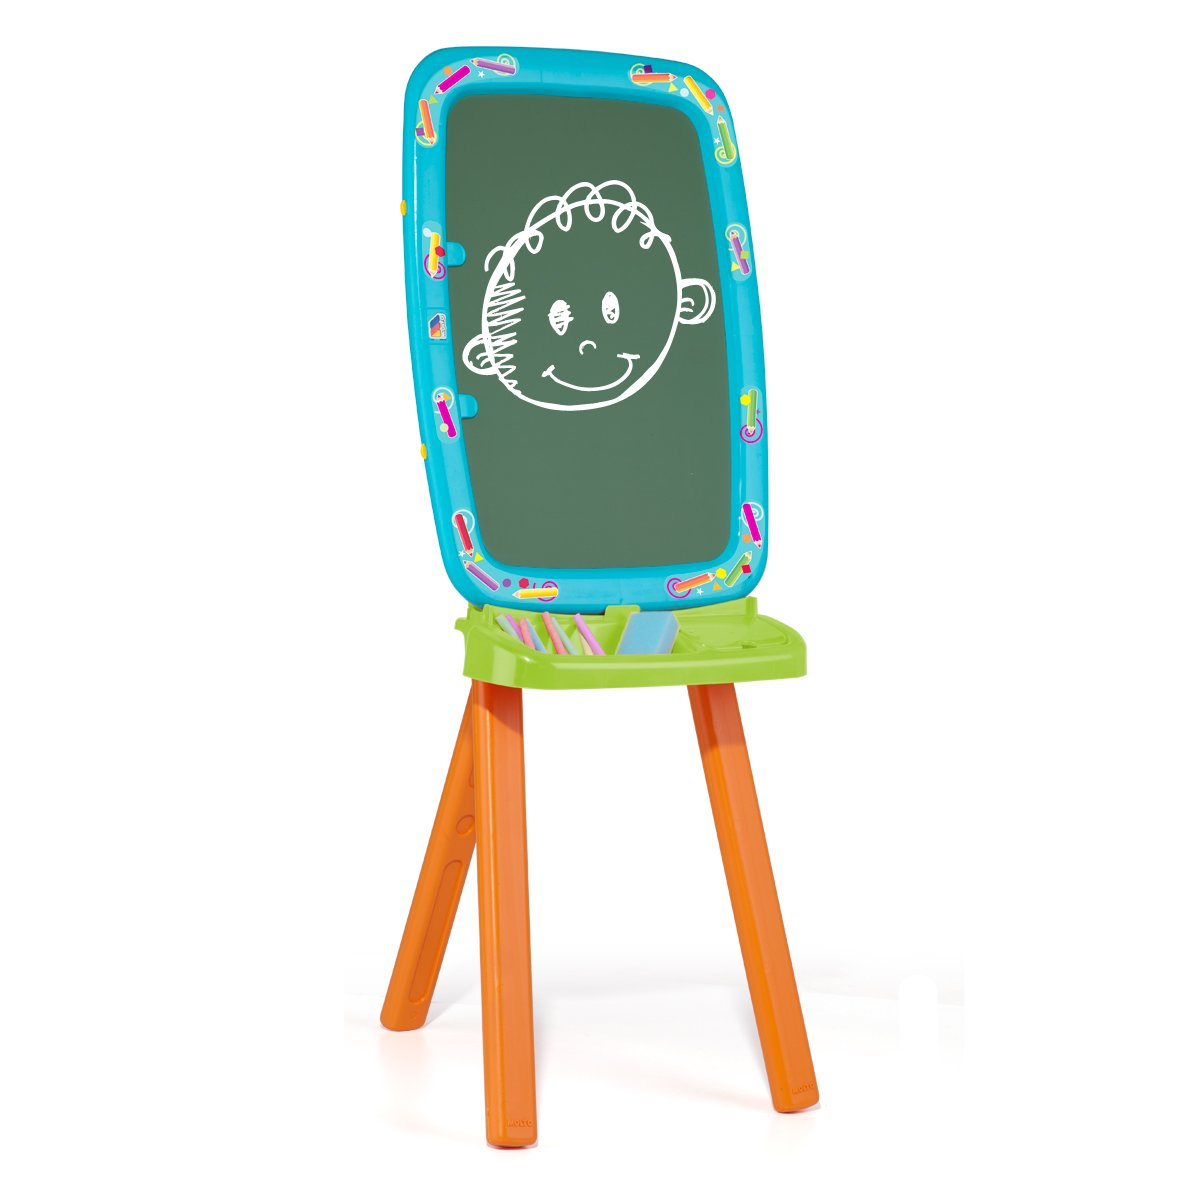 Amazon.com: Molto 14050 Dual Board with Tripod: Toys & Games